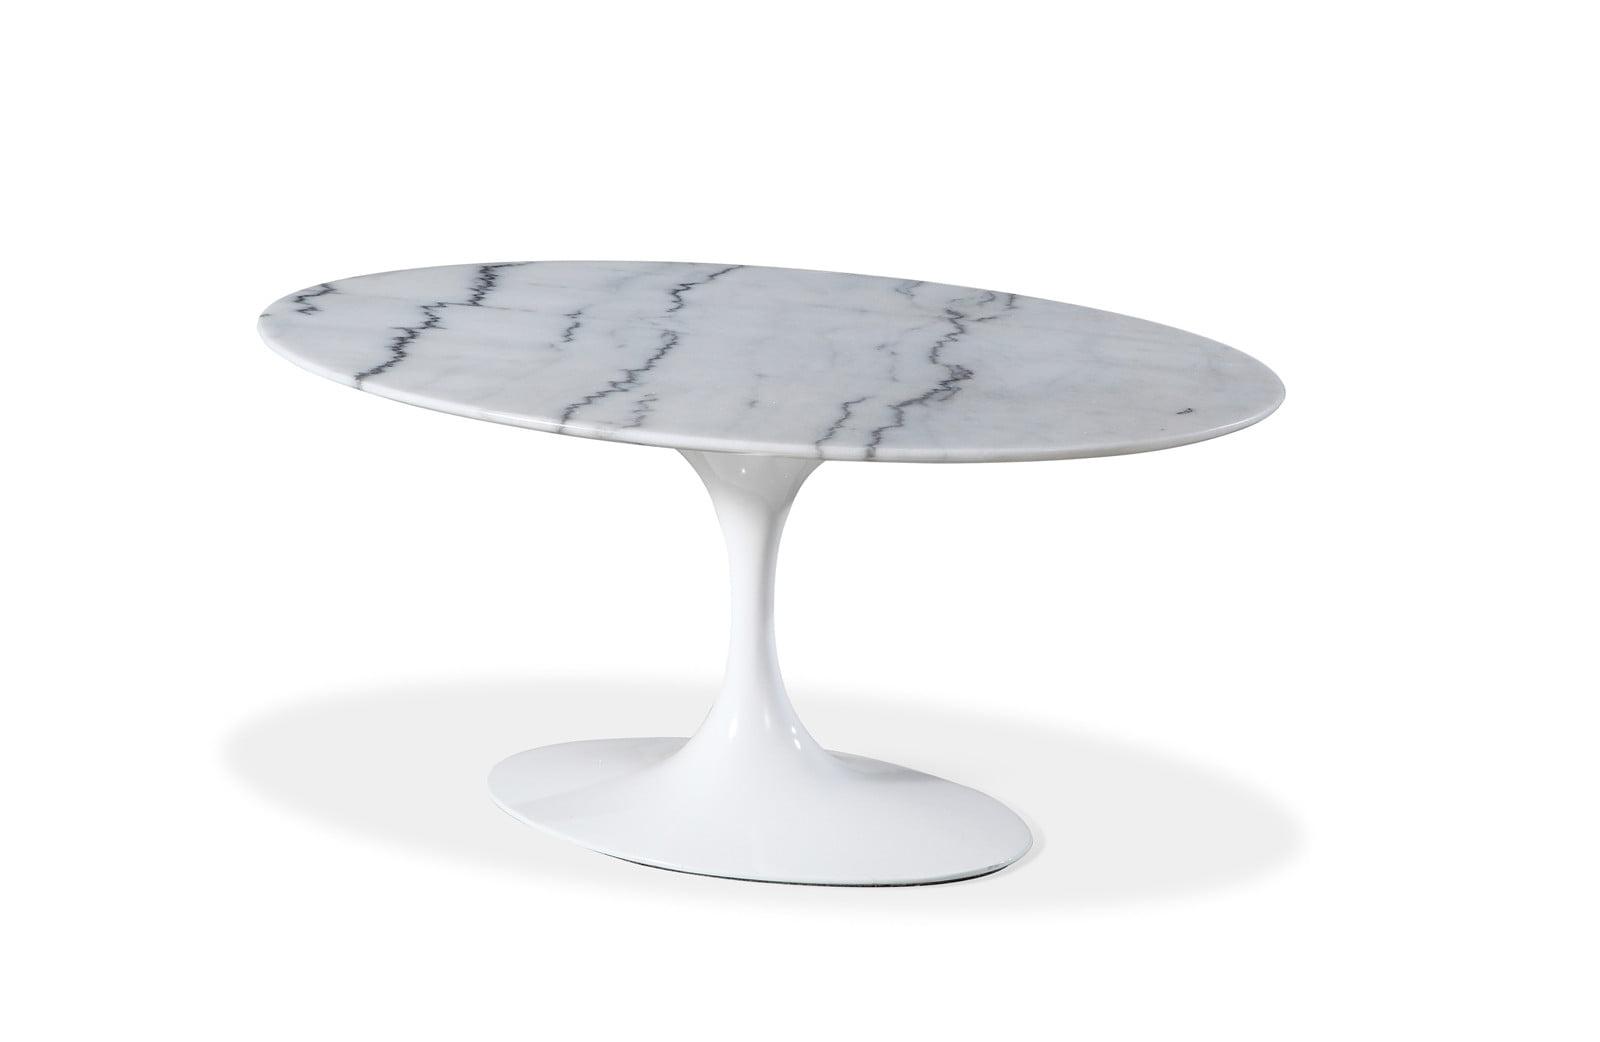 Mid Century Modern Saarinen Style Tulip Marble Oval Dining Table 66 W